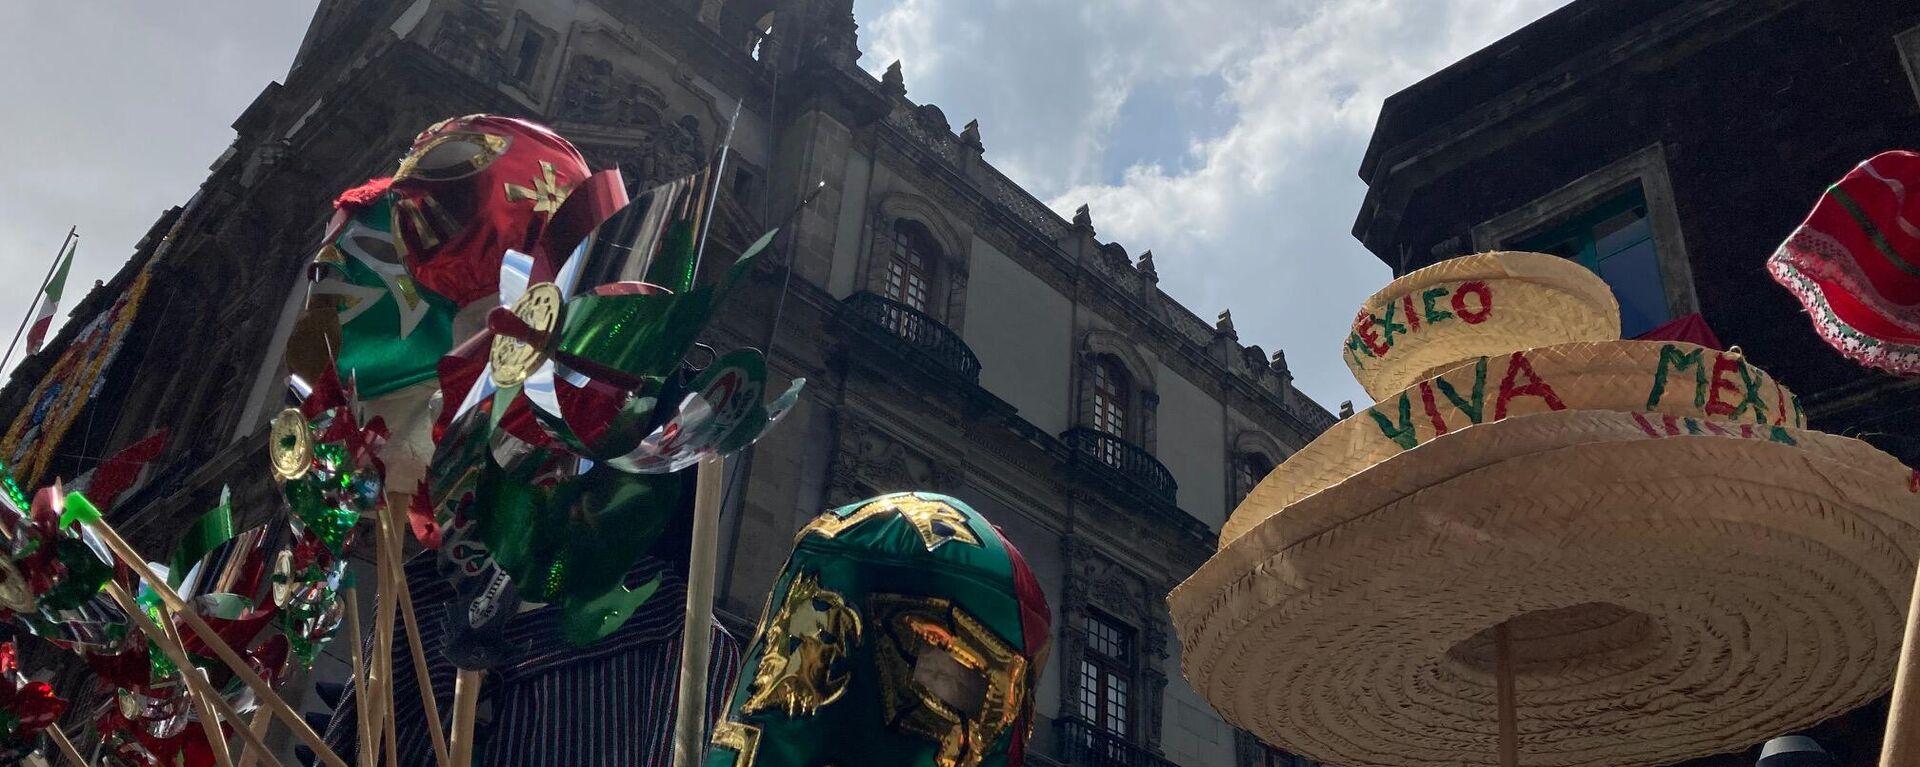 Además de escarapelas y banderas, los comerciantes ofrecen sombreros, máscaras y vestimenta típica. - Sputnik Mundo, 1920, 15.09.2021